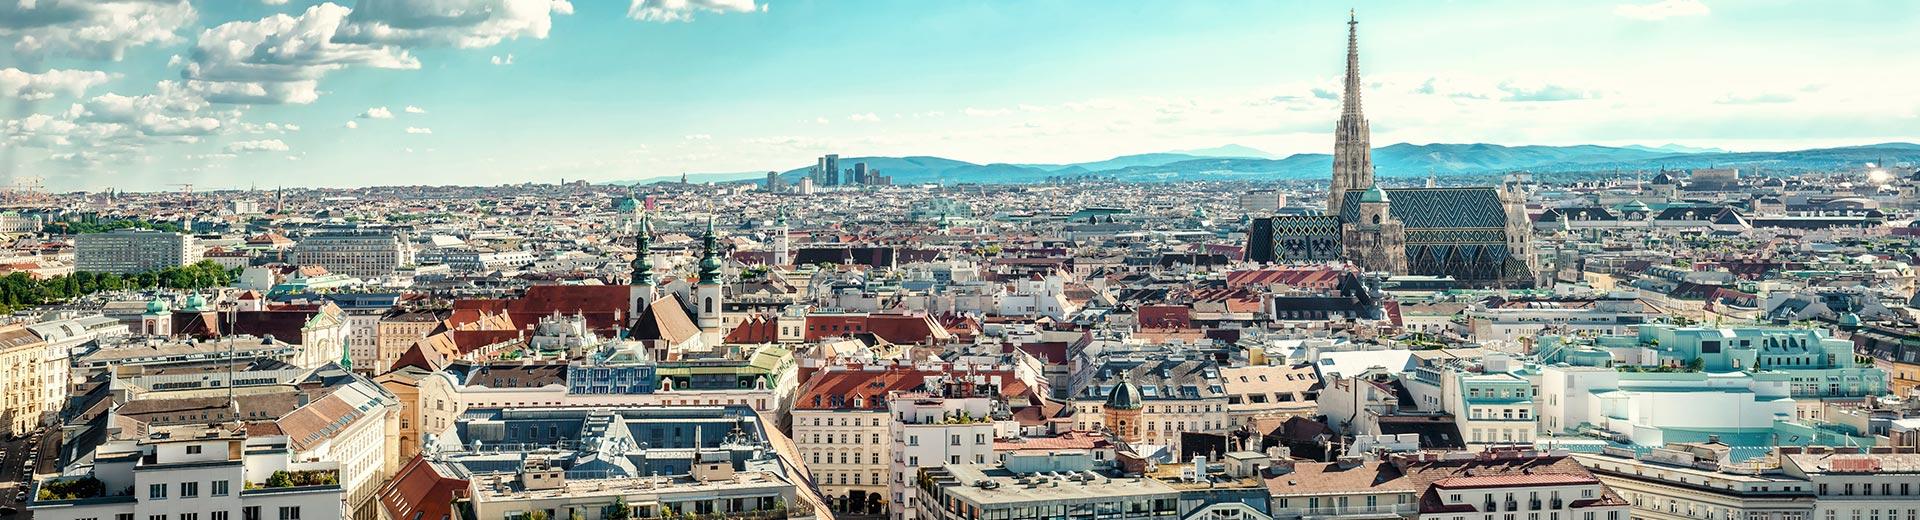 Voyage en groupe Vienne - offre economique train